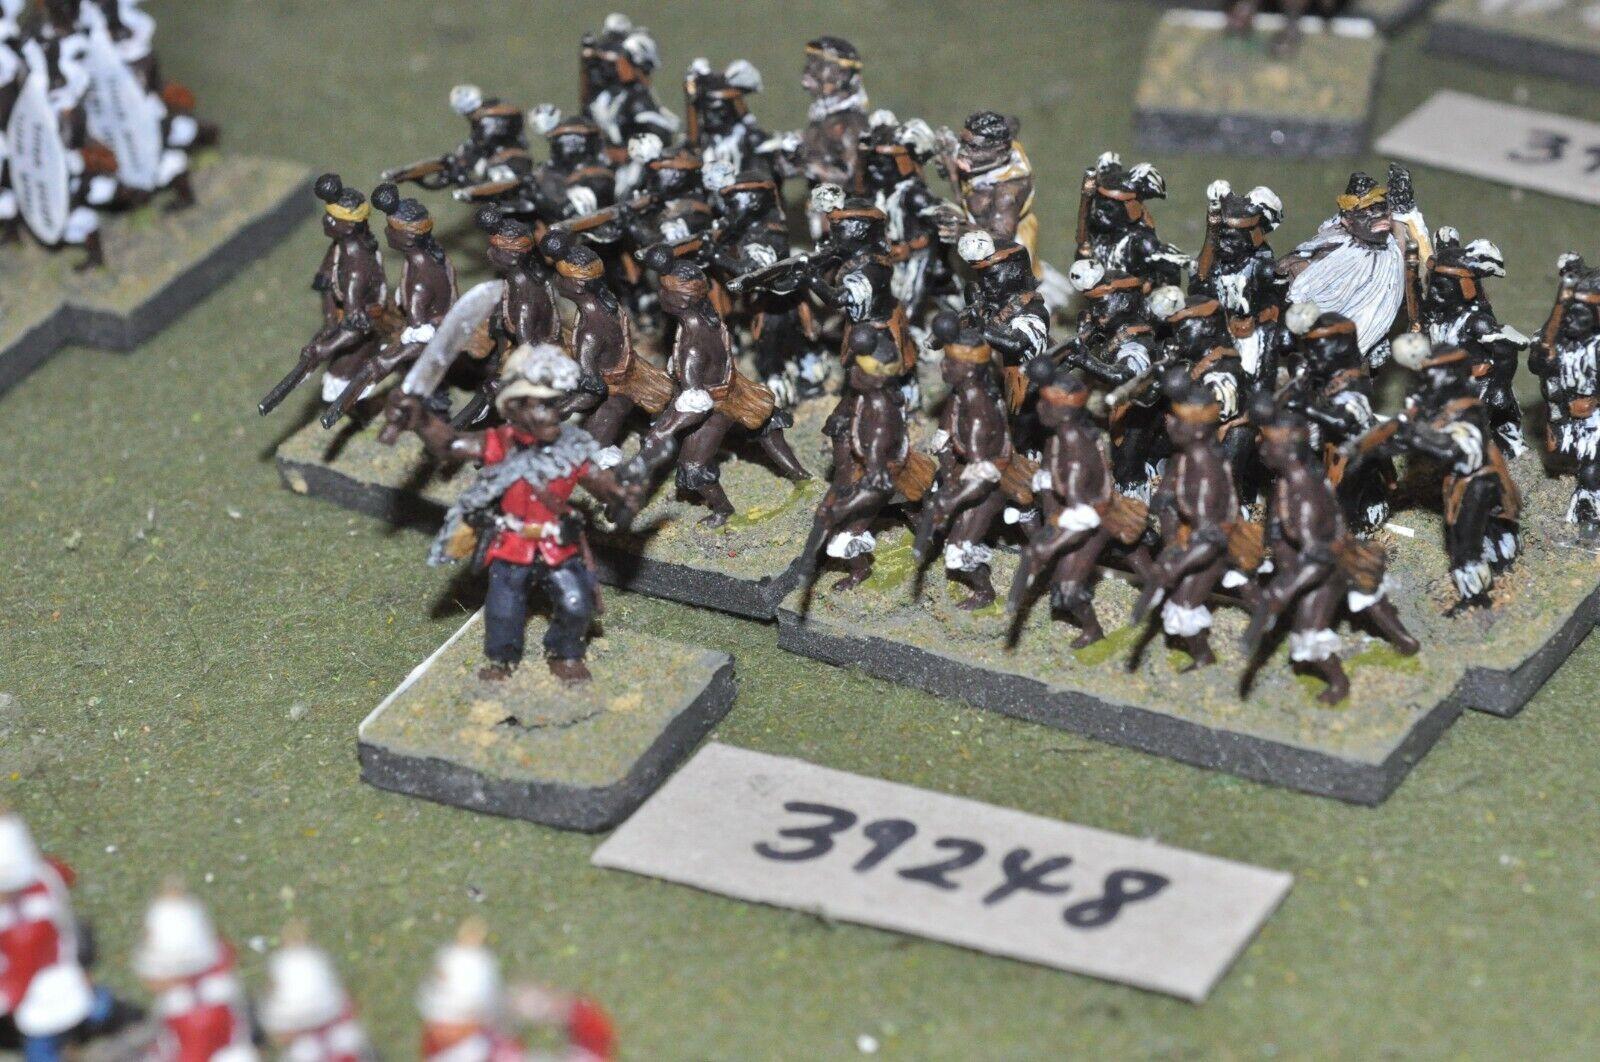 25mm kolonial   zulu - riflemen 30 siffers - info (39248)